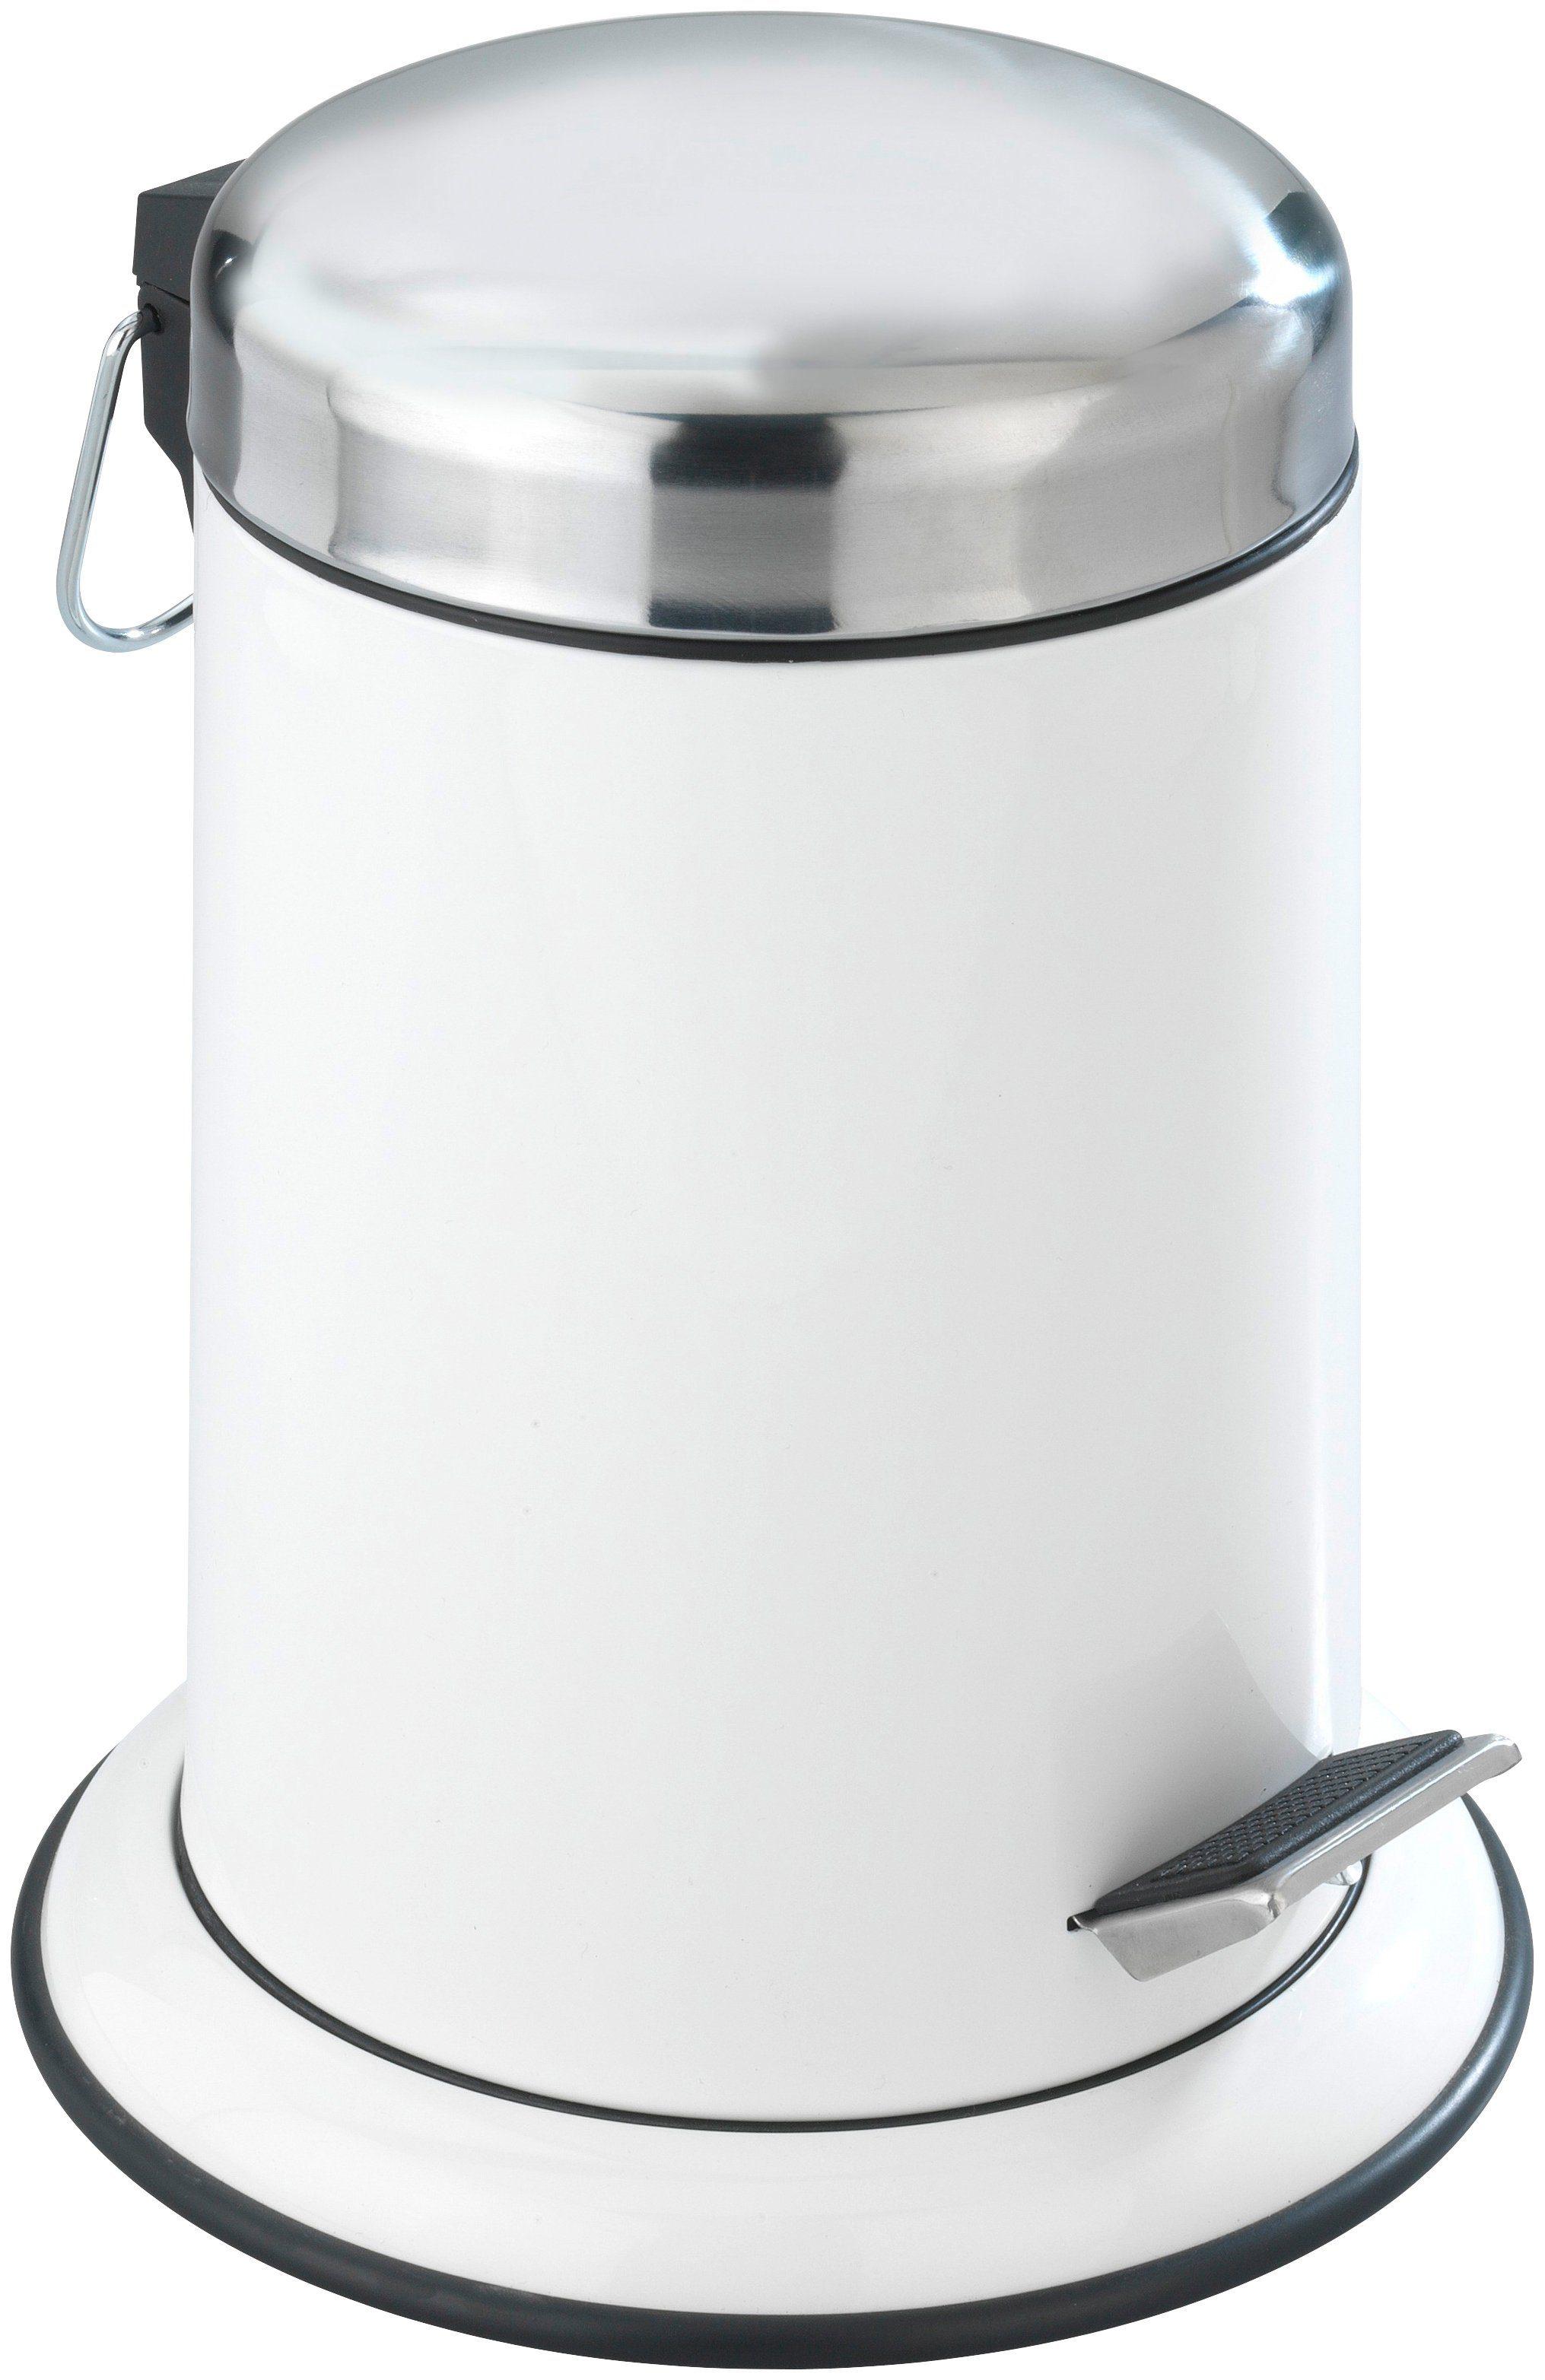 WENKO Kosmetik-Abfalleimer »Retoro weiß«, Edelstahl rostfrei, 3 Liter